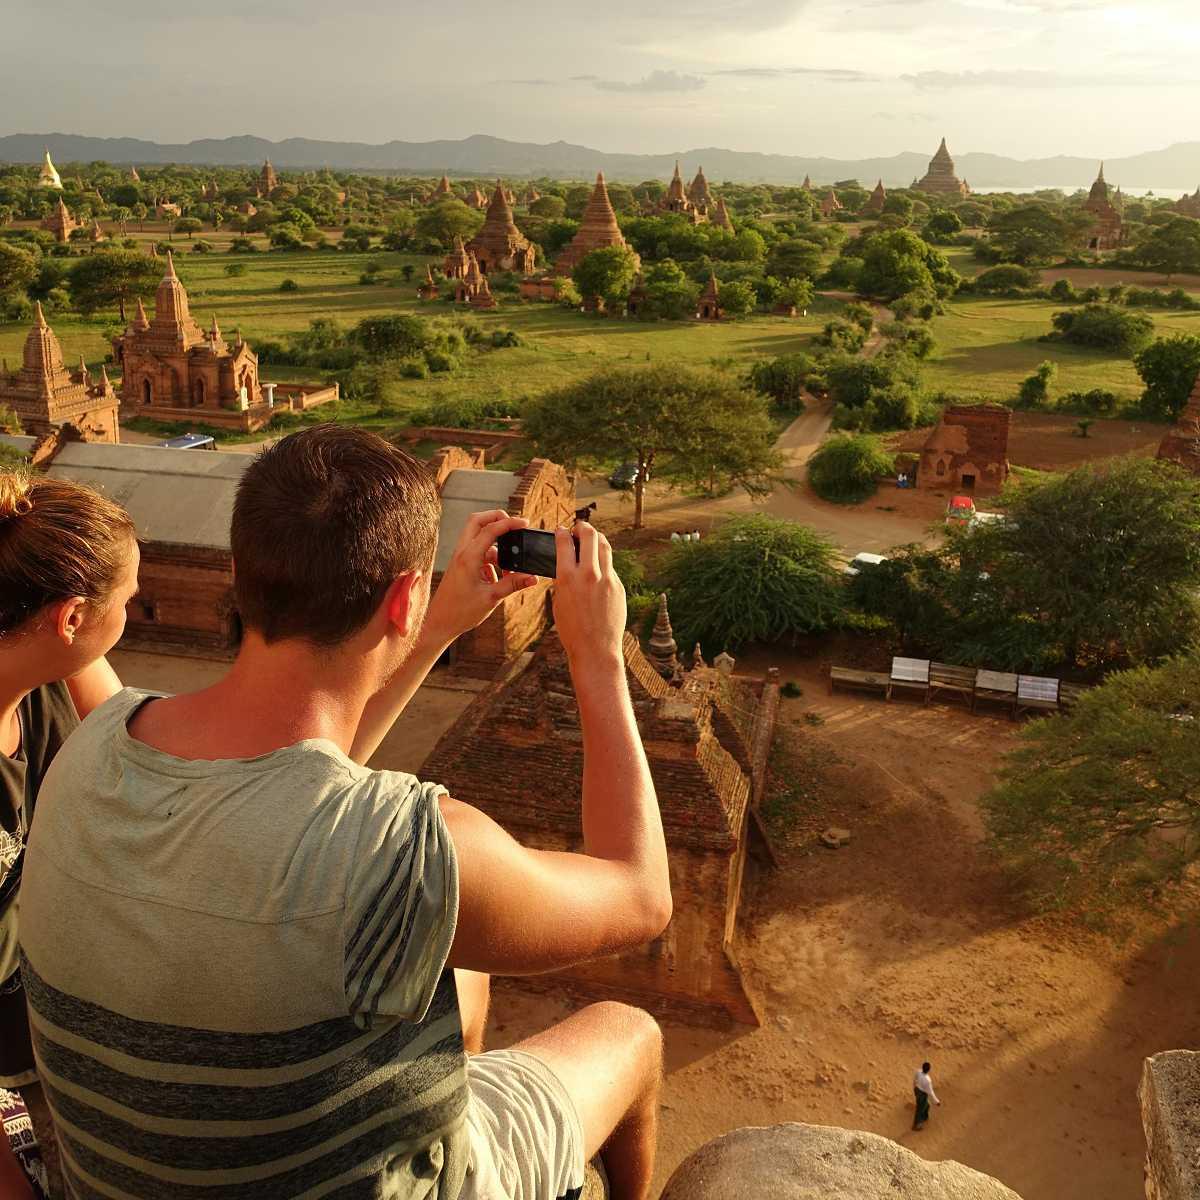 Sunset from Shwesandaw, Bagan, Myanmar